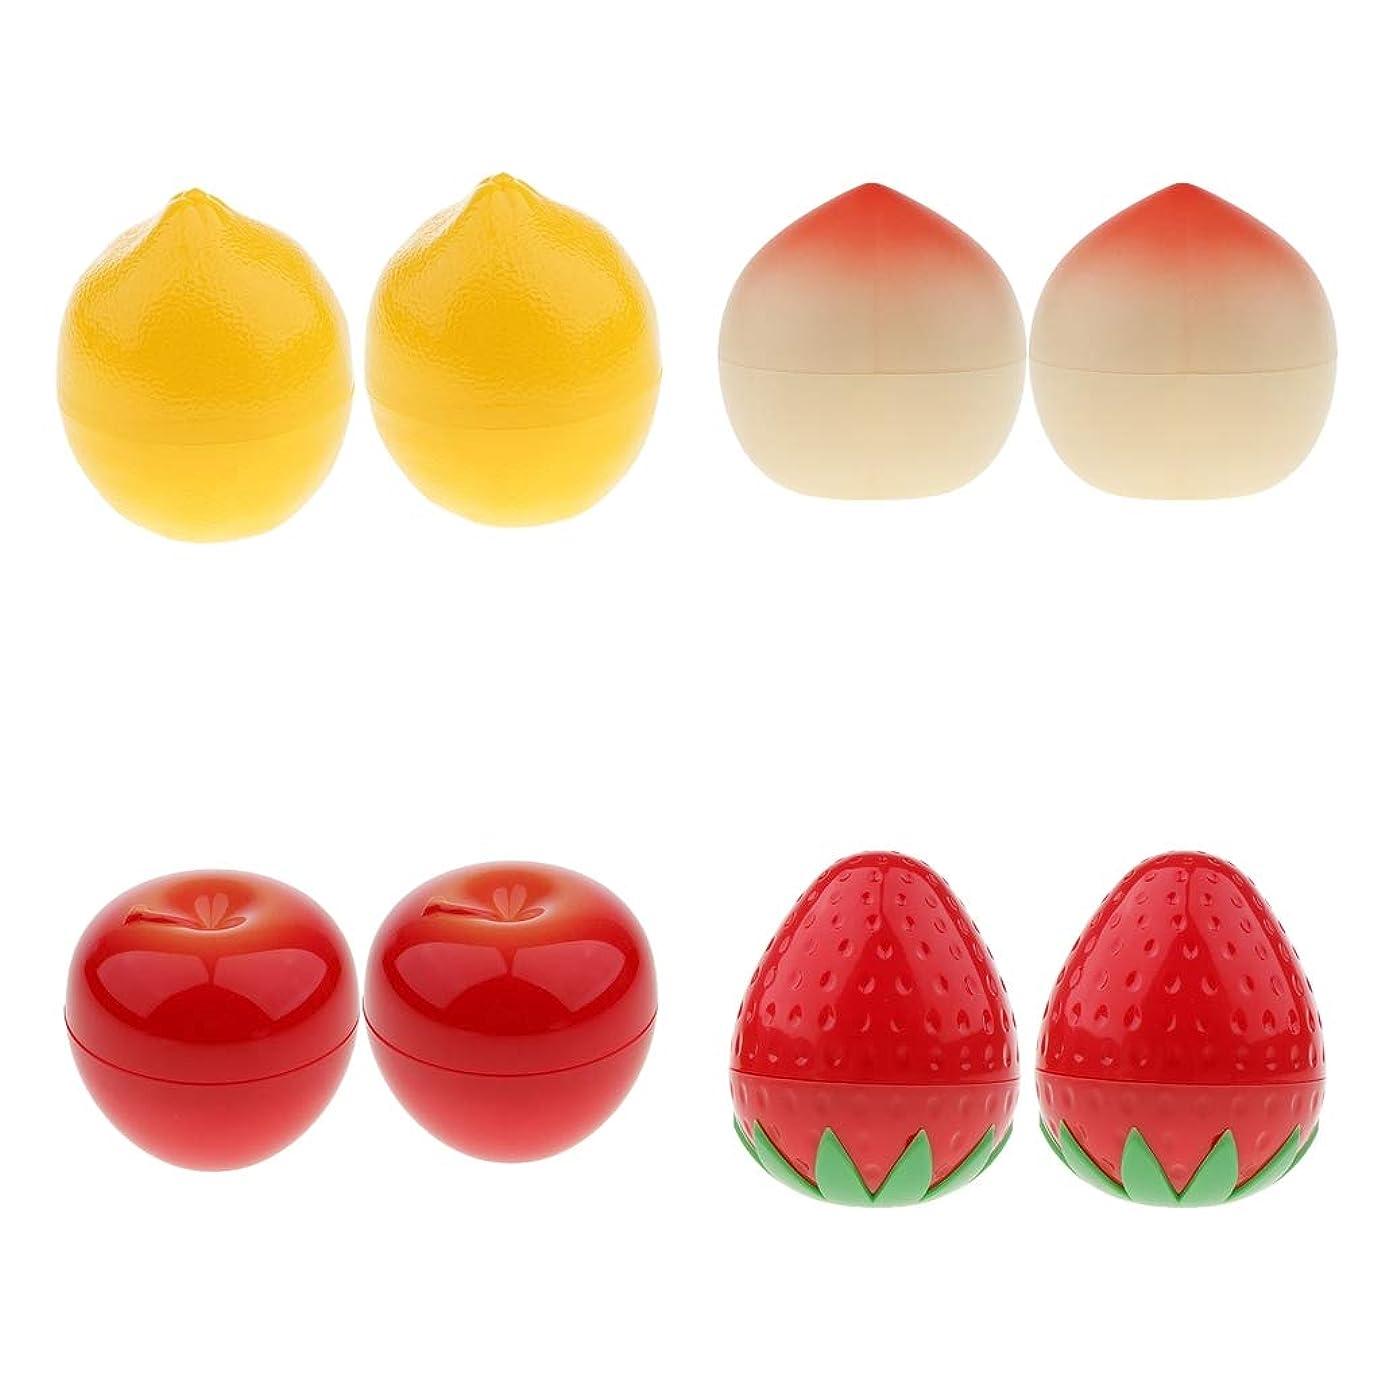 肥料講師パーチナシティB Blesiya 8本 メイクアップボトル 可愛い 果物 化粧品 コスメ 小分け用 コンテナ